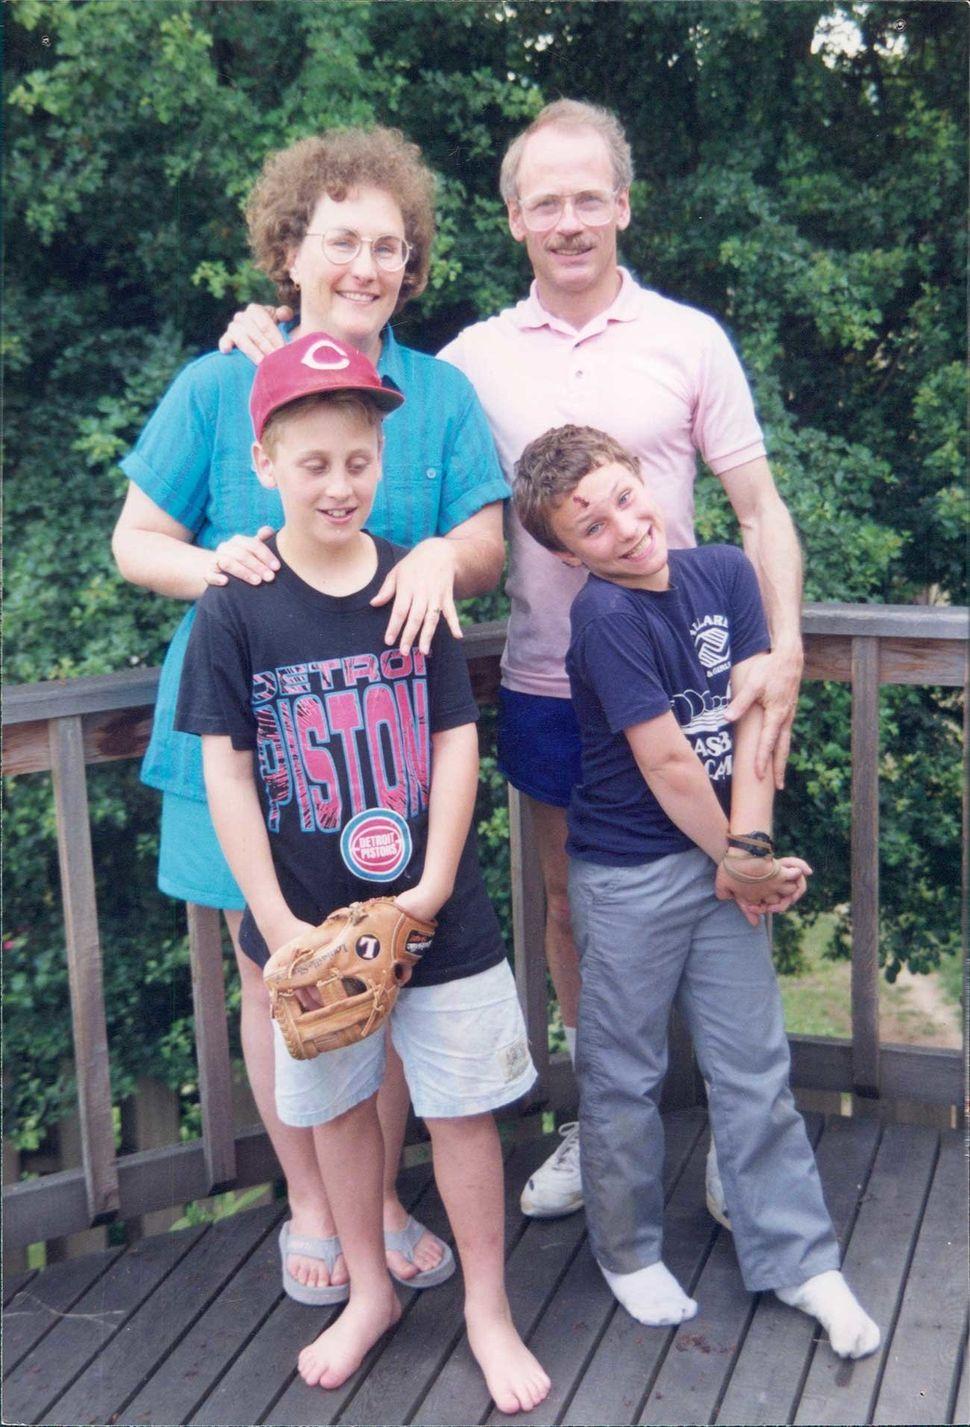 Foto minha com minha família, quando eu tinha 9 anos. Meus pais ainda dizem que não tinham...